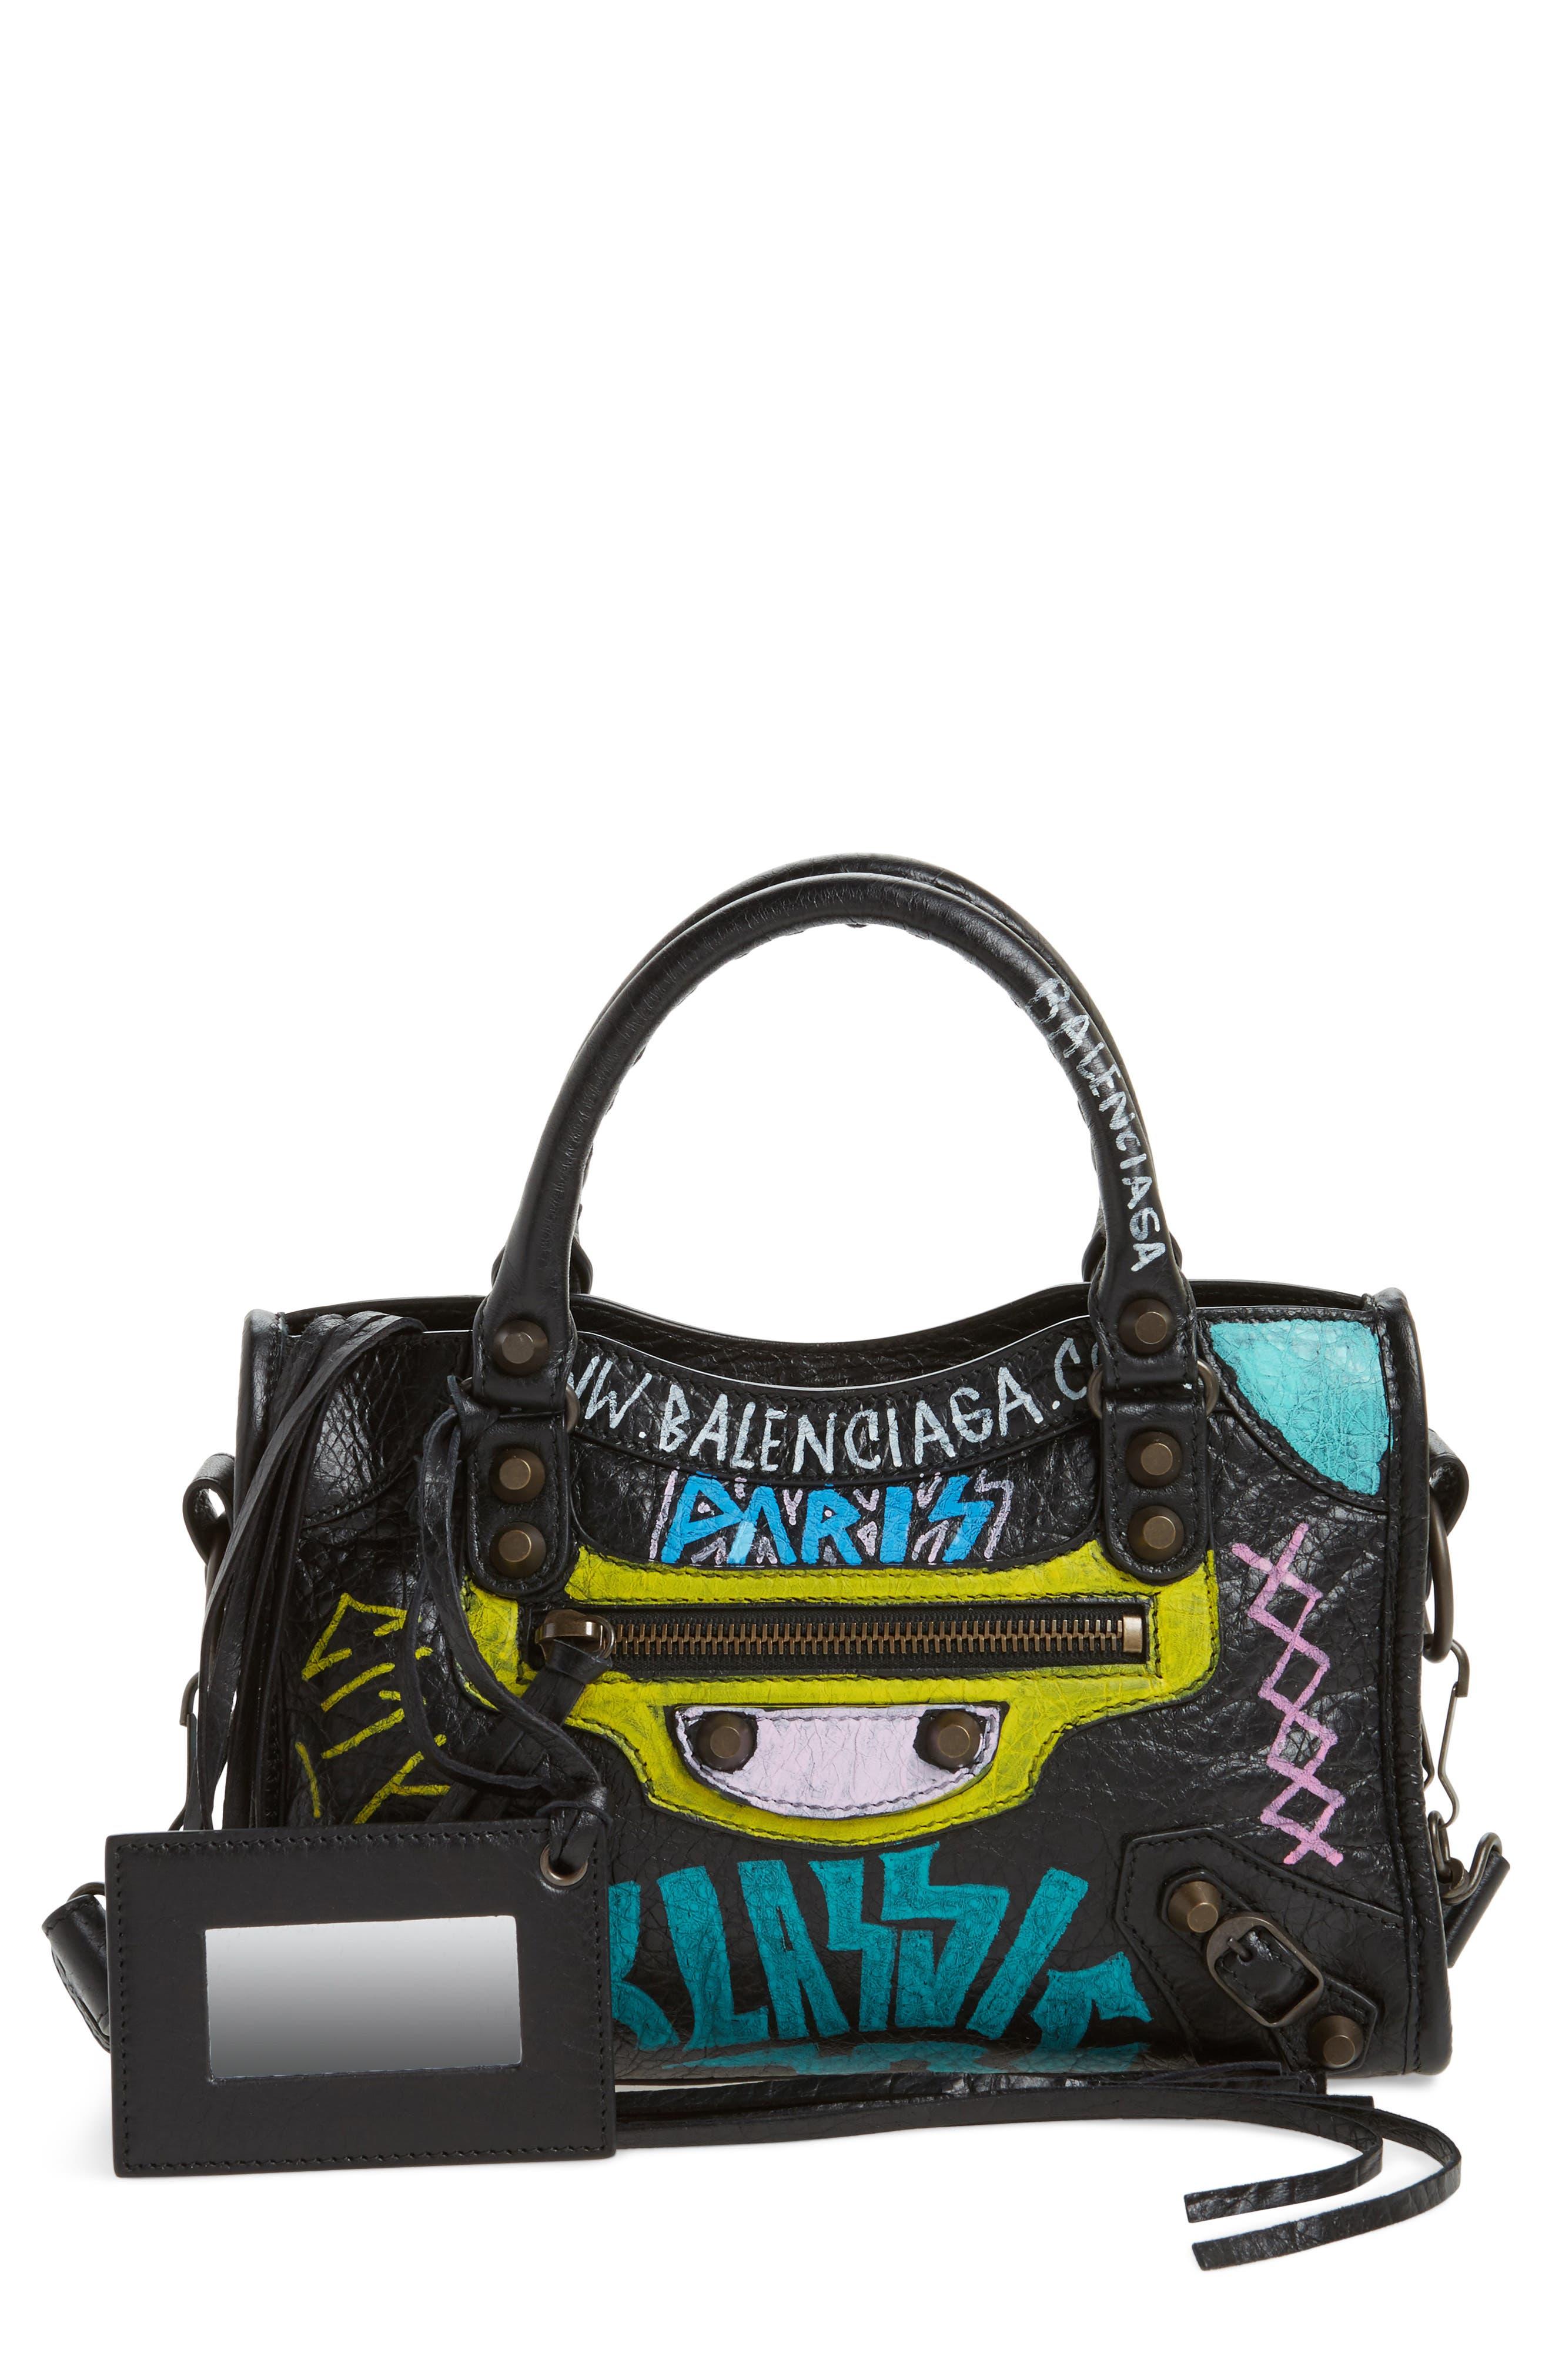 Main Image - Balenciaga Mini City Graffiti Leather Tote